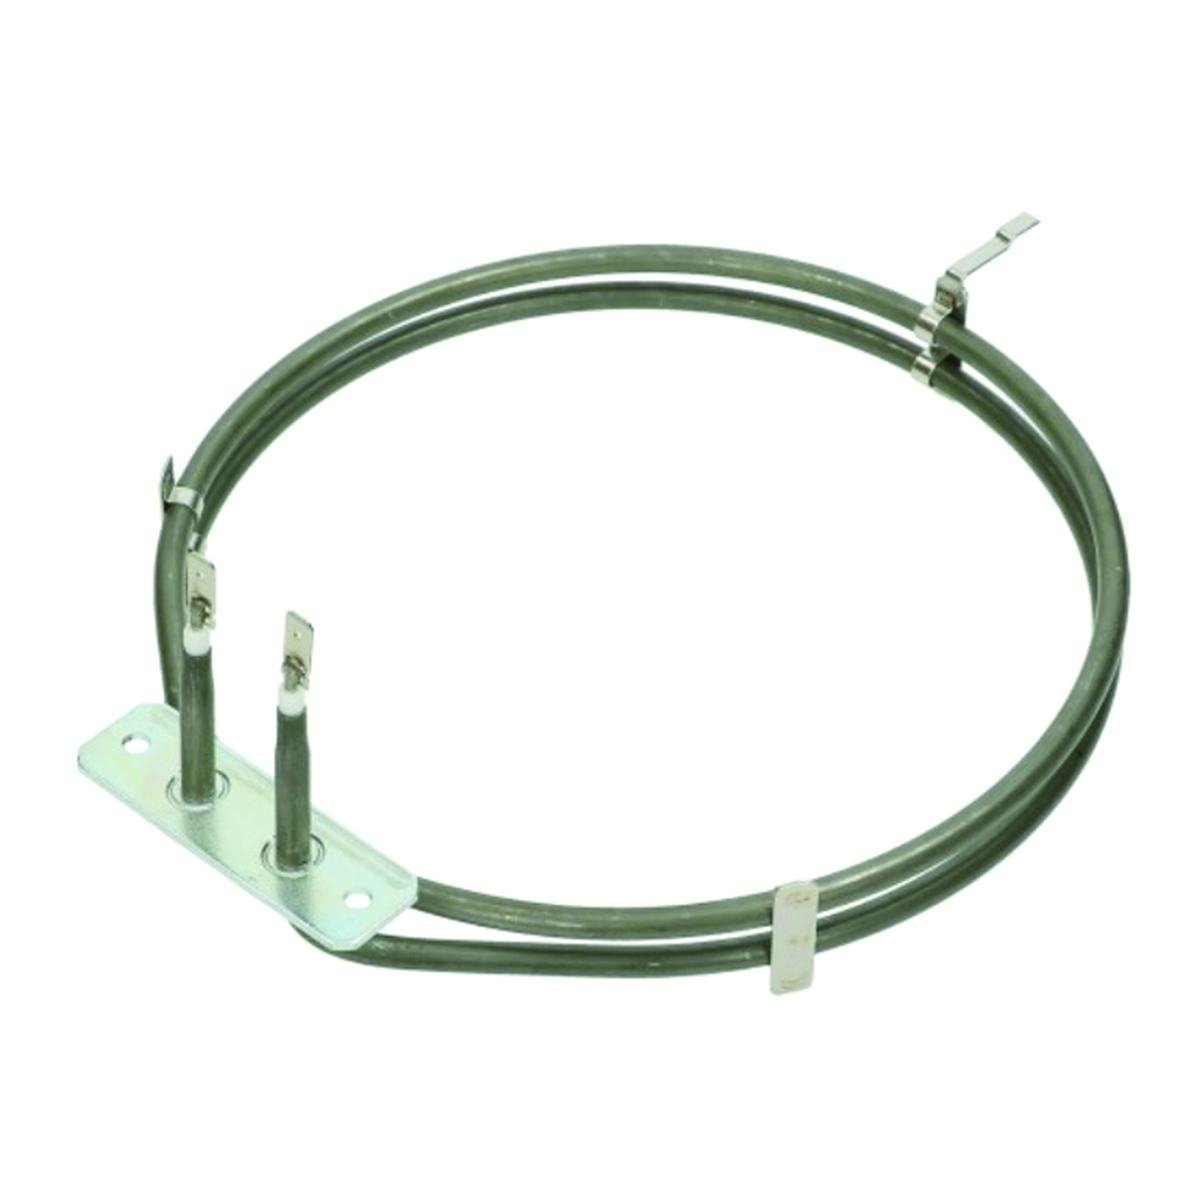 Ringvärmeelement 1800W 230V